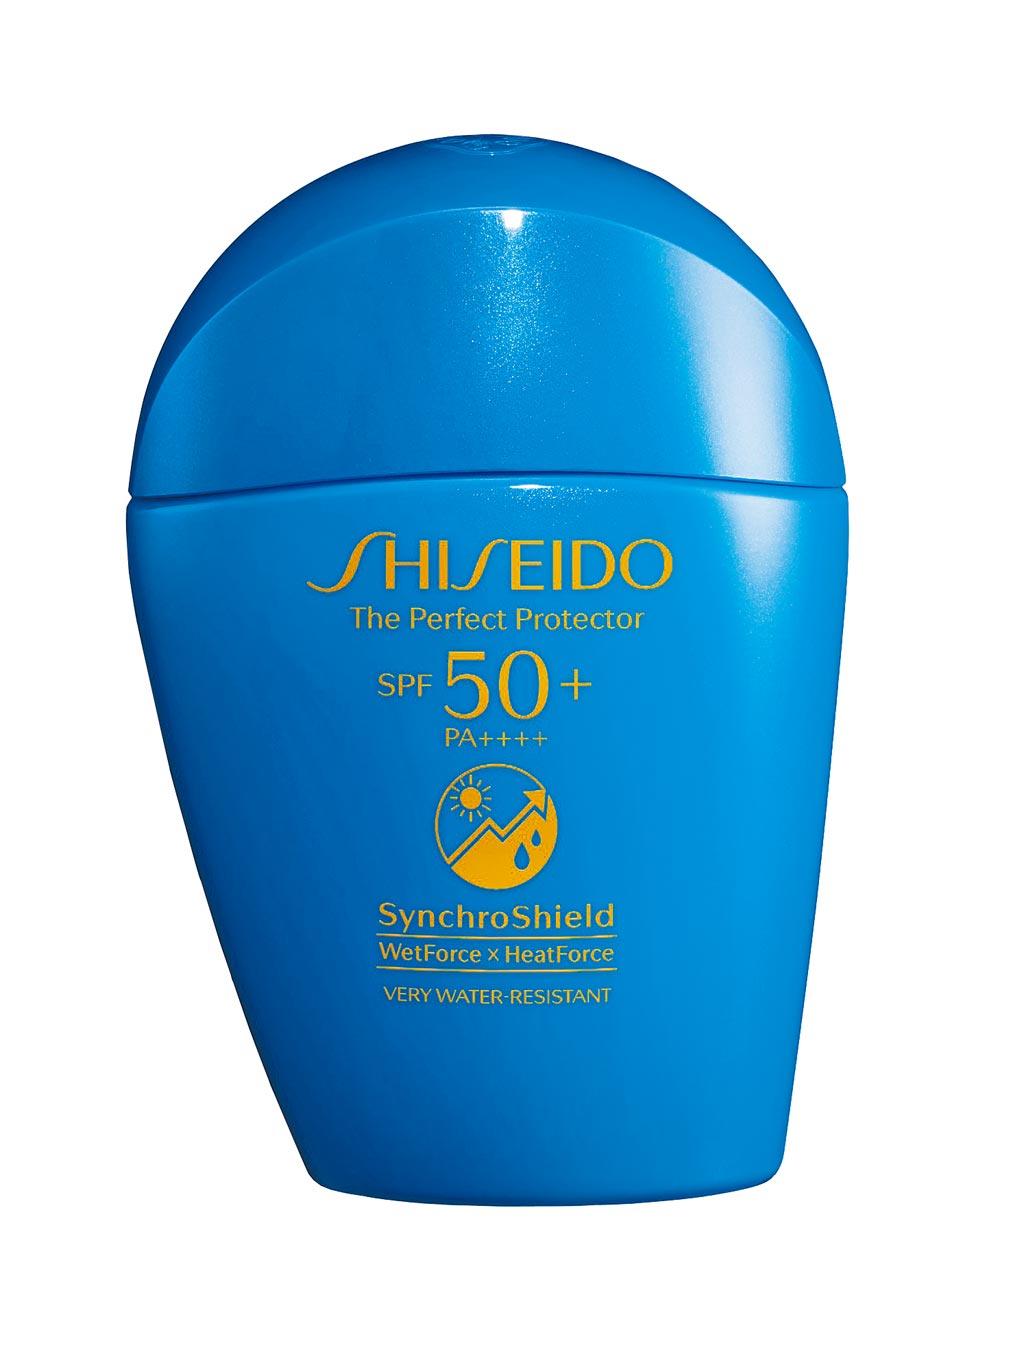 資生堂新艷陽夏水離子熱防禦UV隔離露50ml,1650元。(資生堂提供)